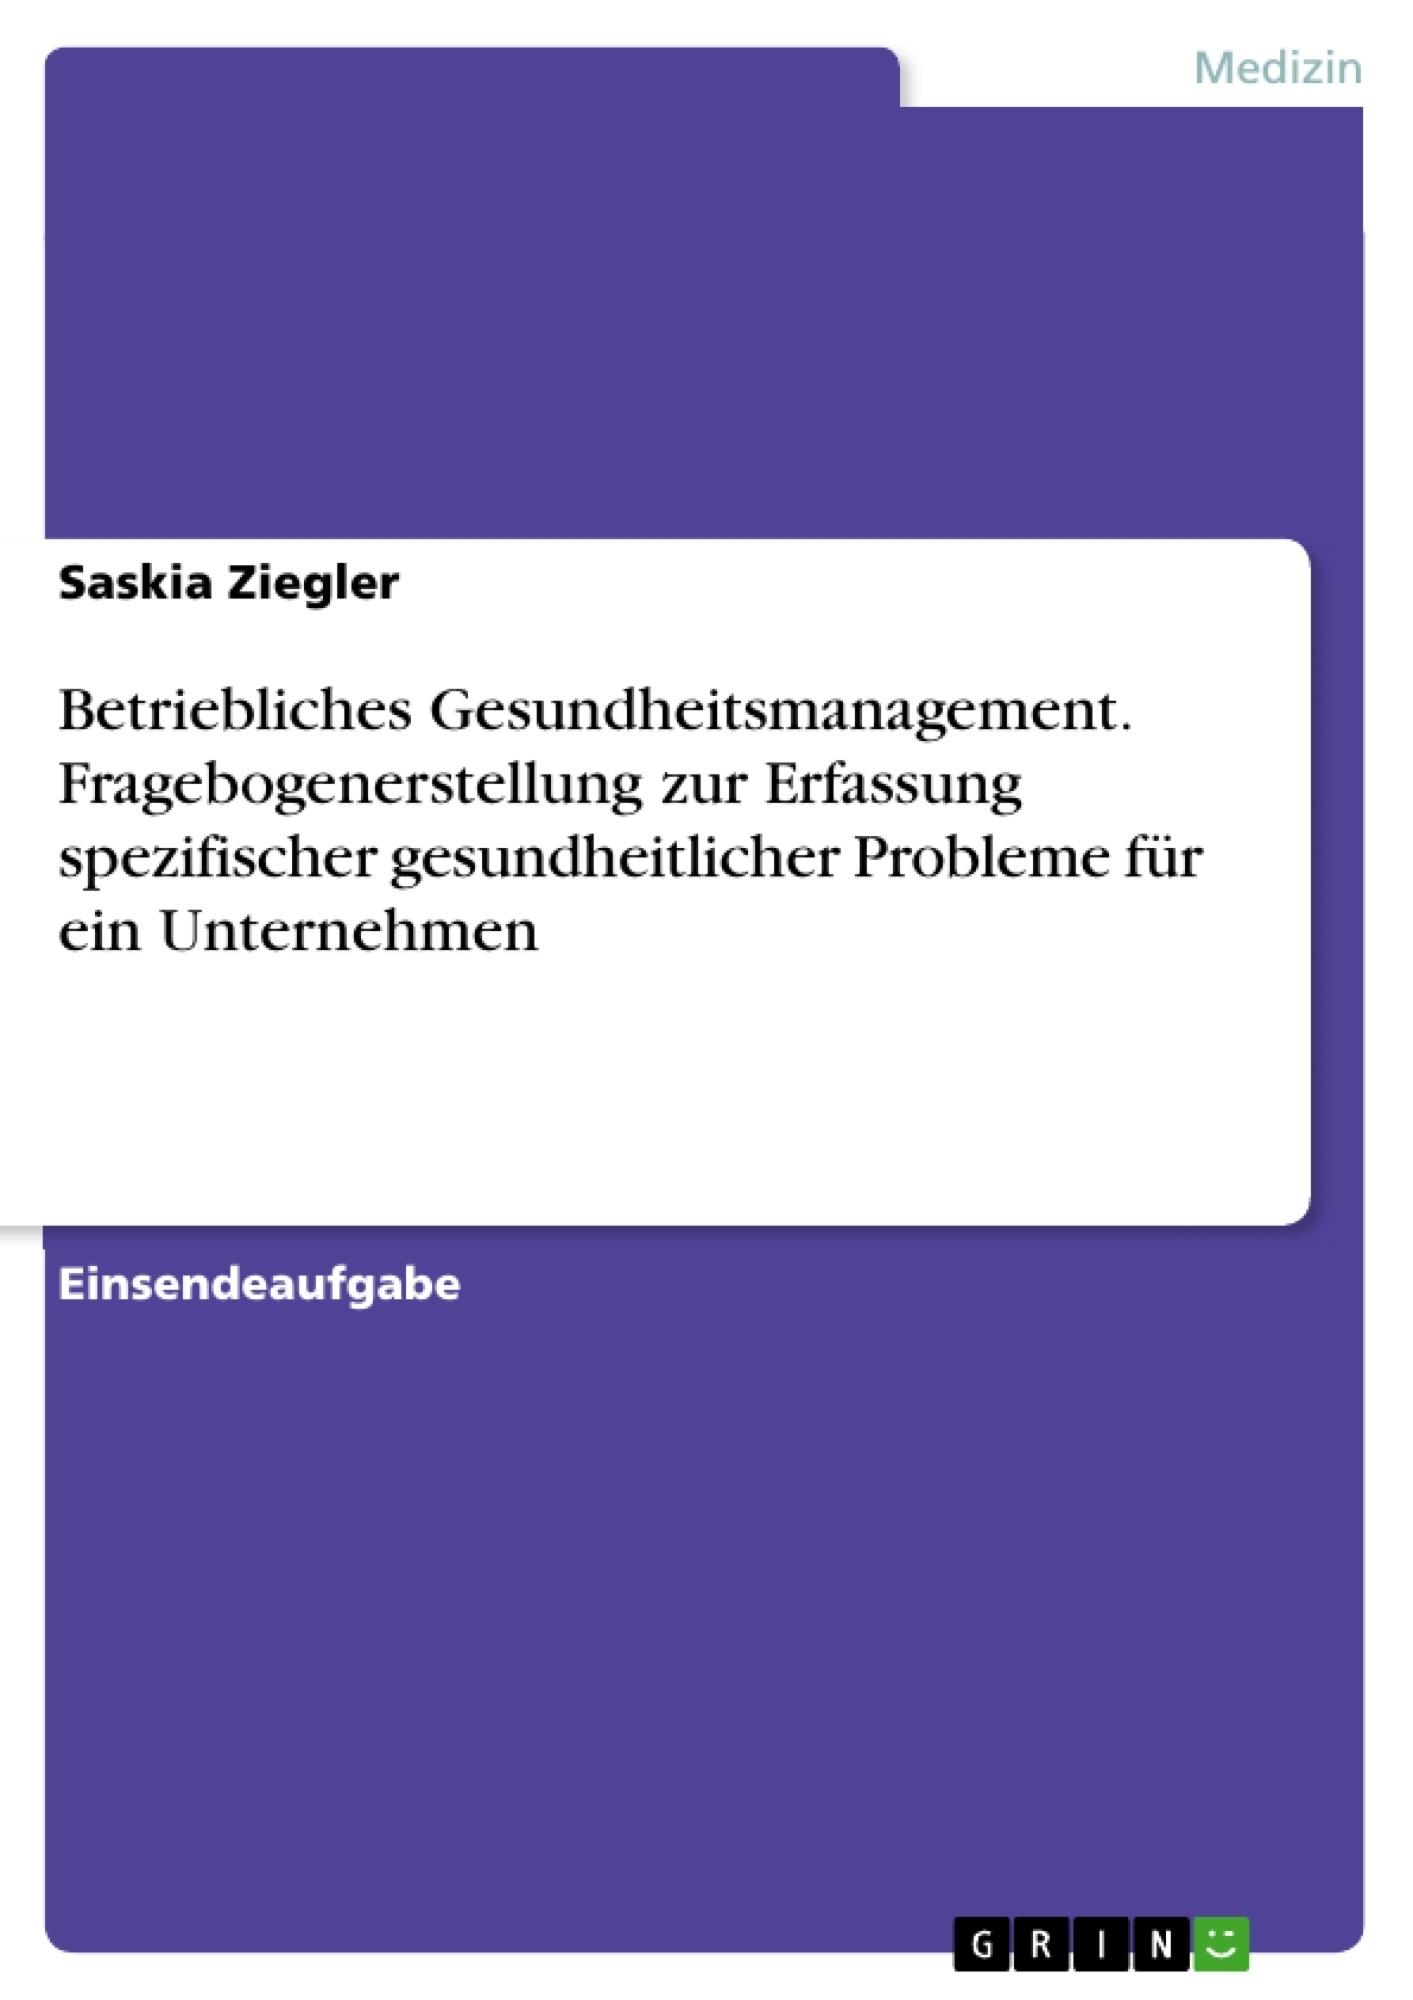 Titel: Betriebliches Gesundheitsmanagement. Fragebogenerstellung zur Erfassung spezifischer gesundheitlicher Probleme für ein Unternehmen